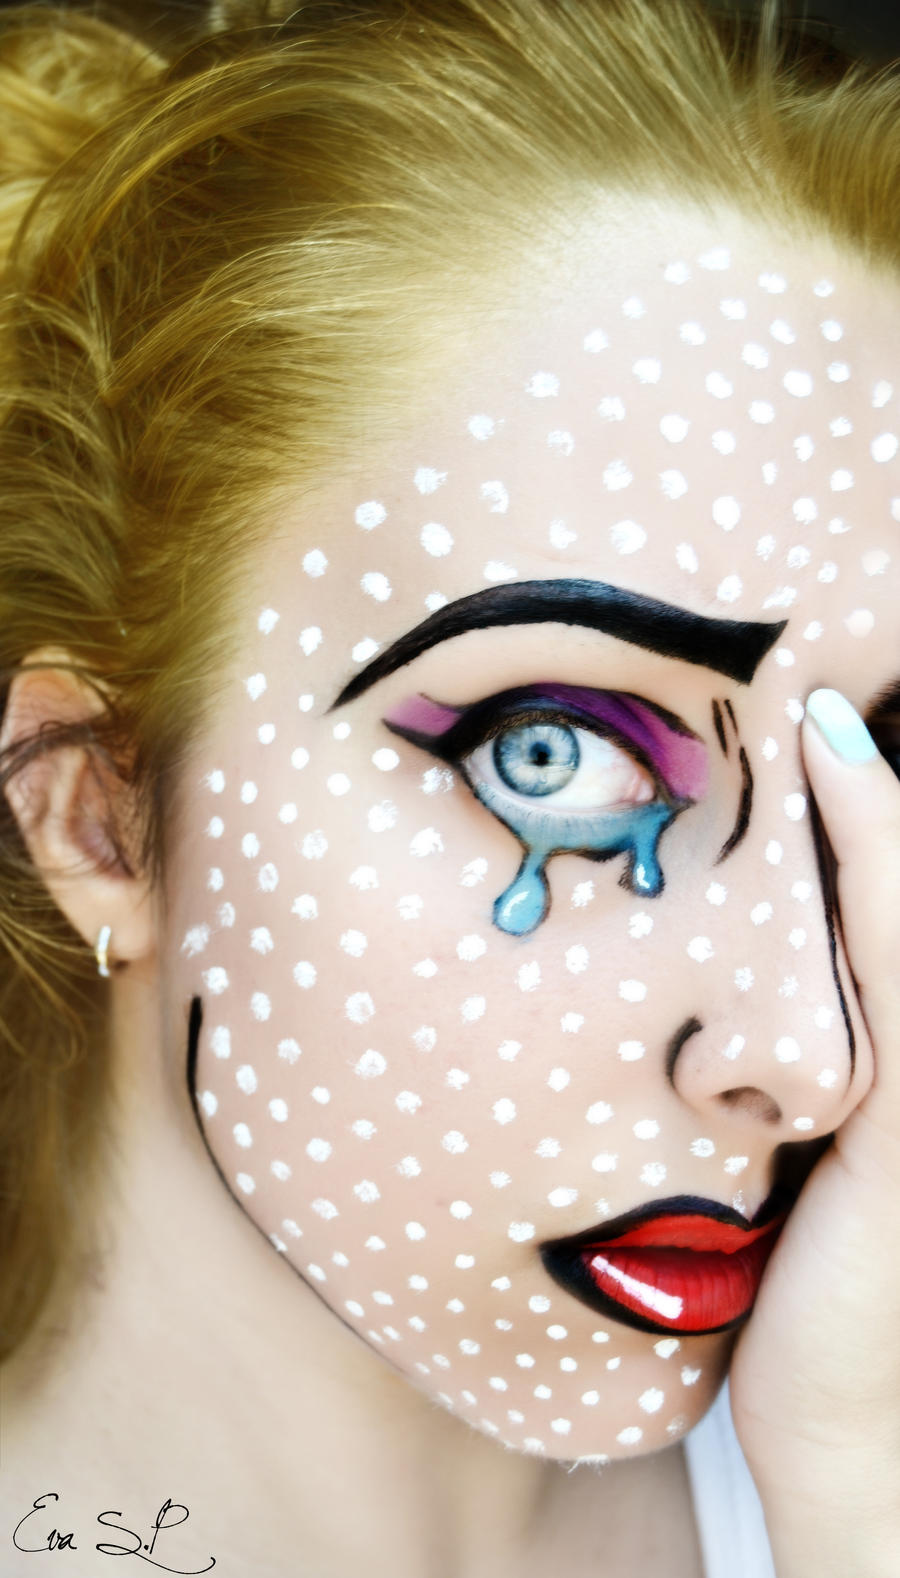 Pop Art by Chuchy5